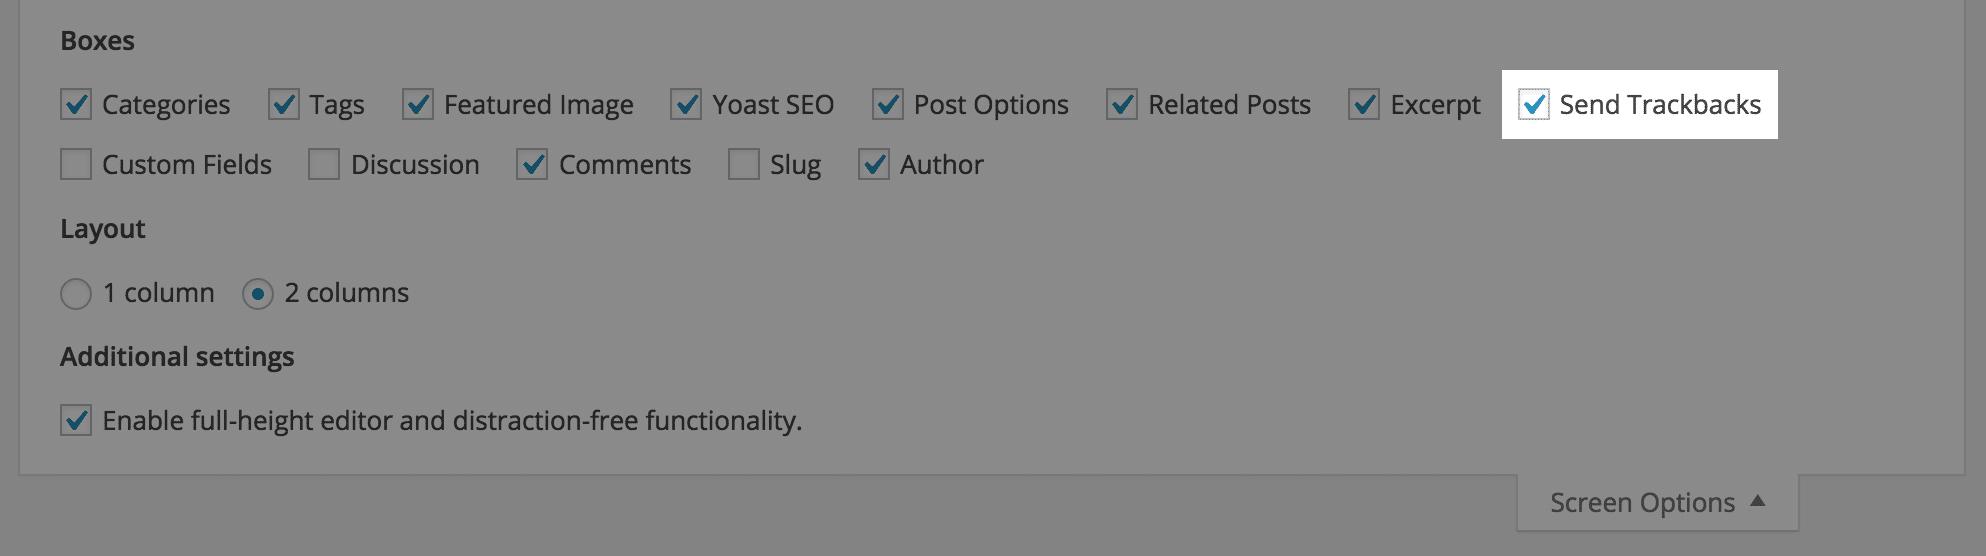 Einstellung der Trackback-Ansicht in den WordPress Bildschirm-Optionen